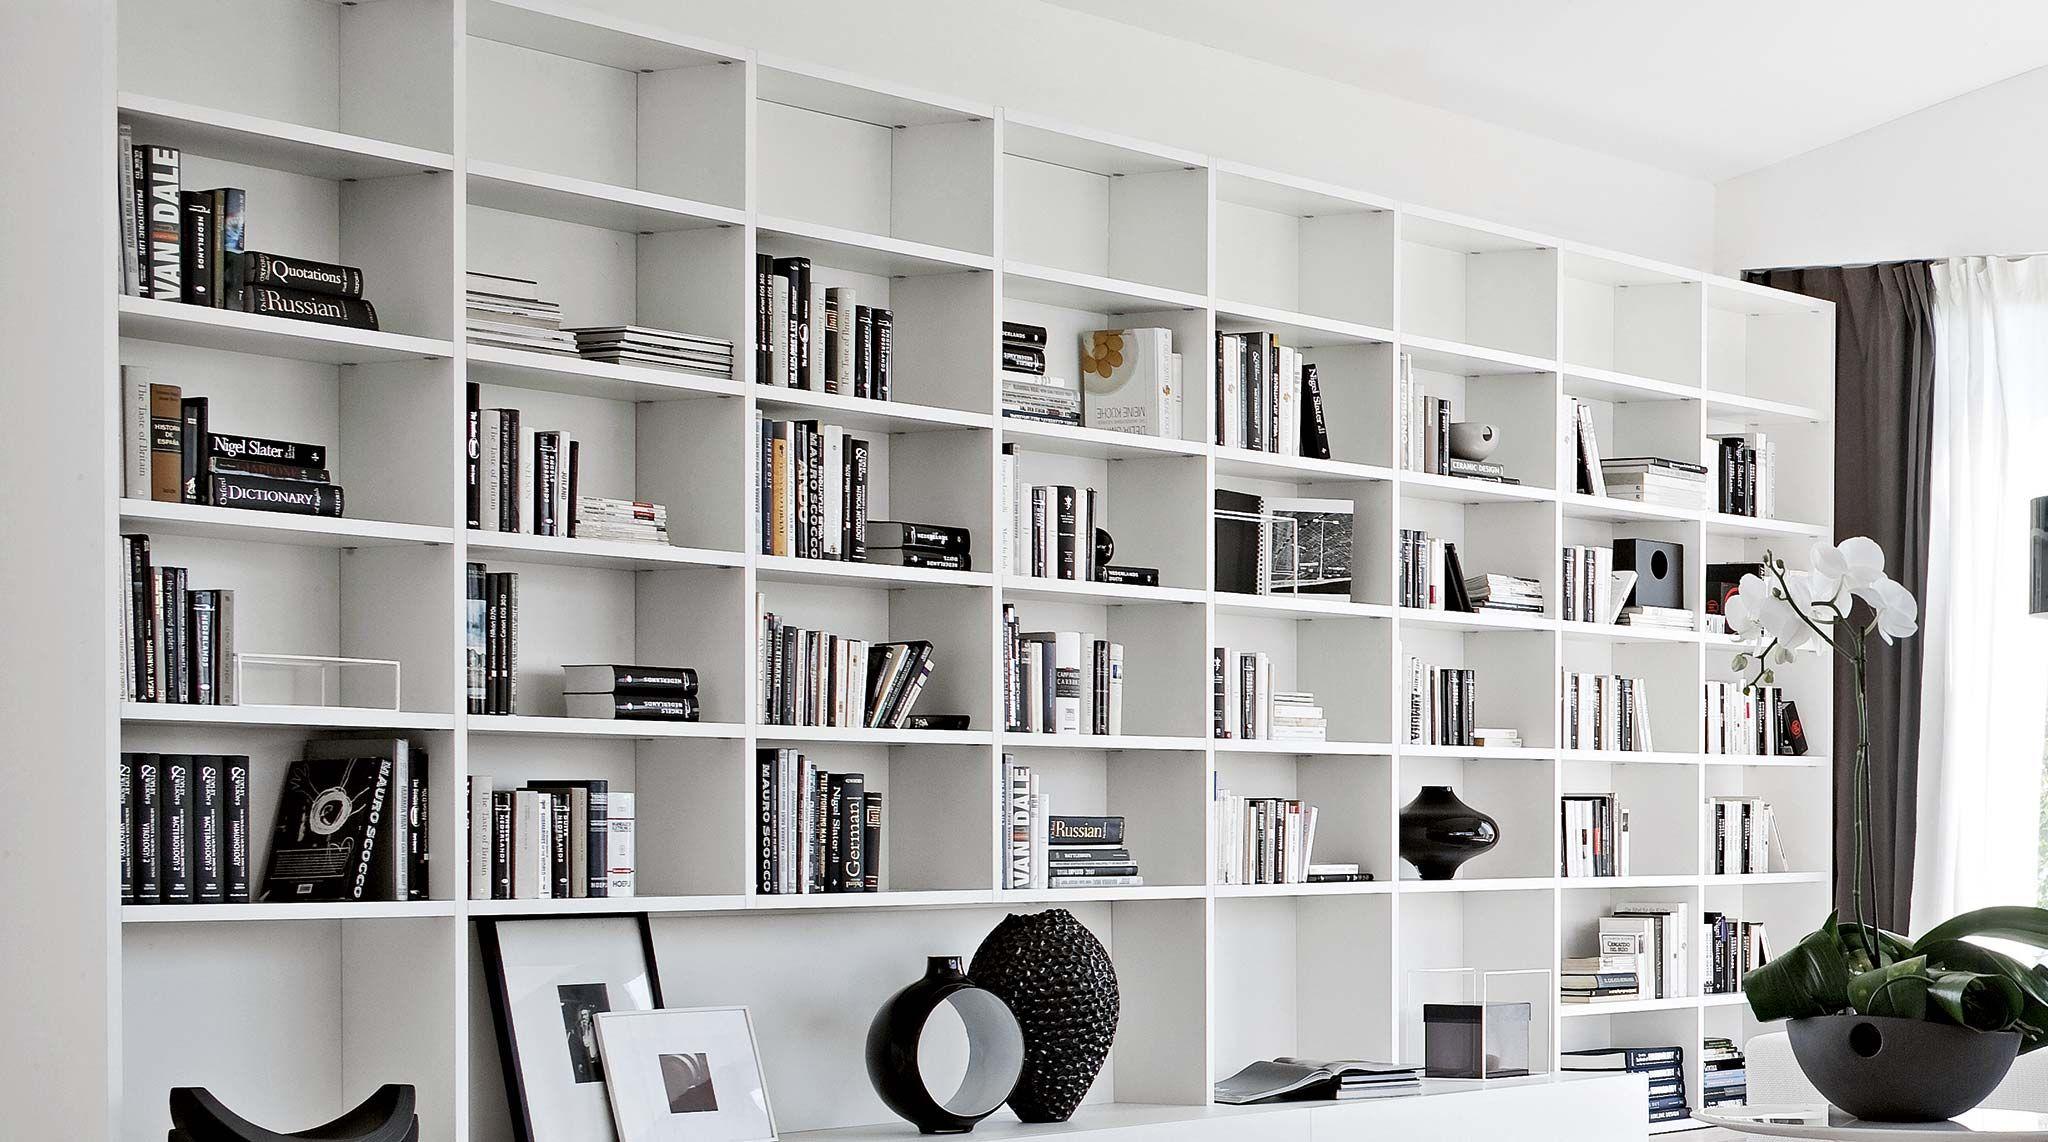 libreria componibile a parete su misura artik - sololibrerie ... - Arredamento Design Living